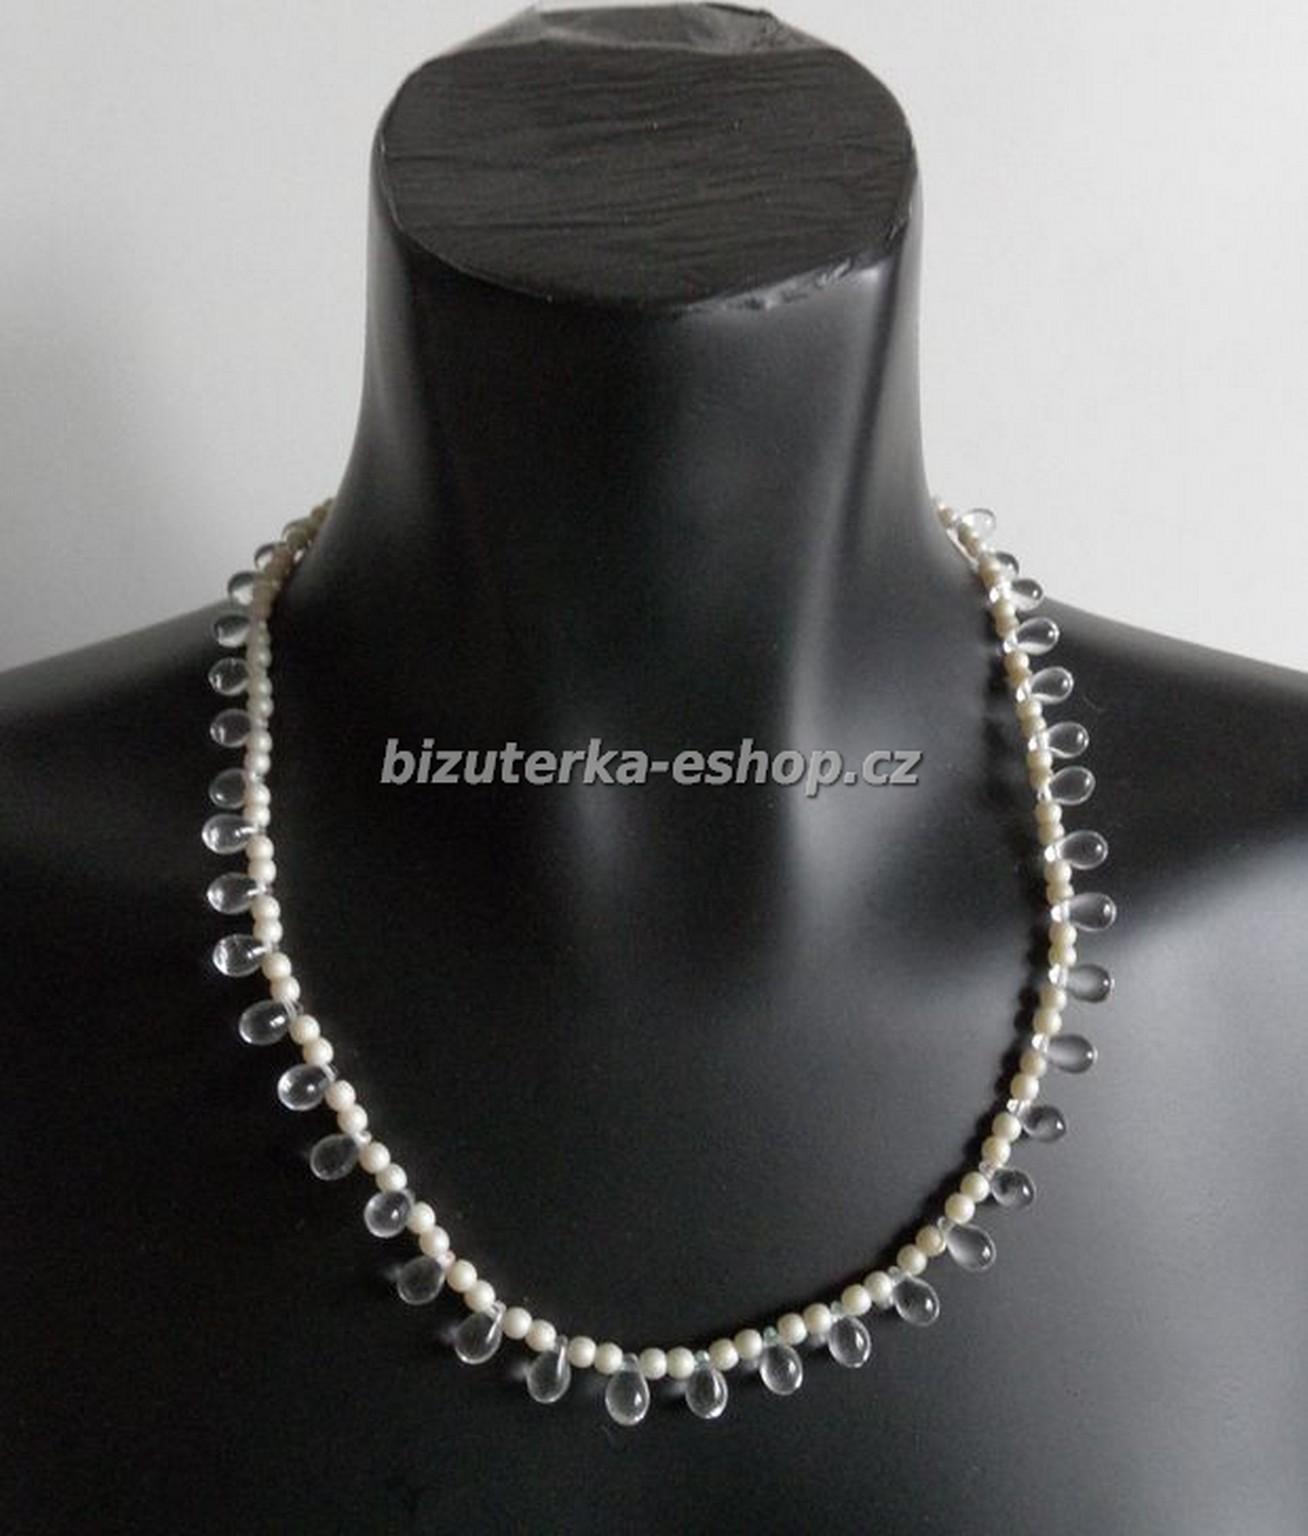 4ae75989d Náhrdelníky a řetízky | Náhrdelník perličky bílý BZ-03861 | E-shop s ...